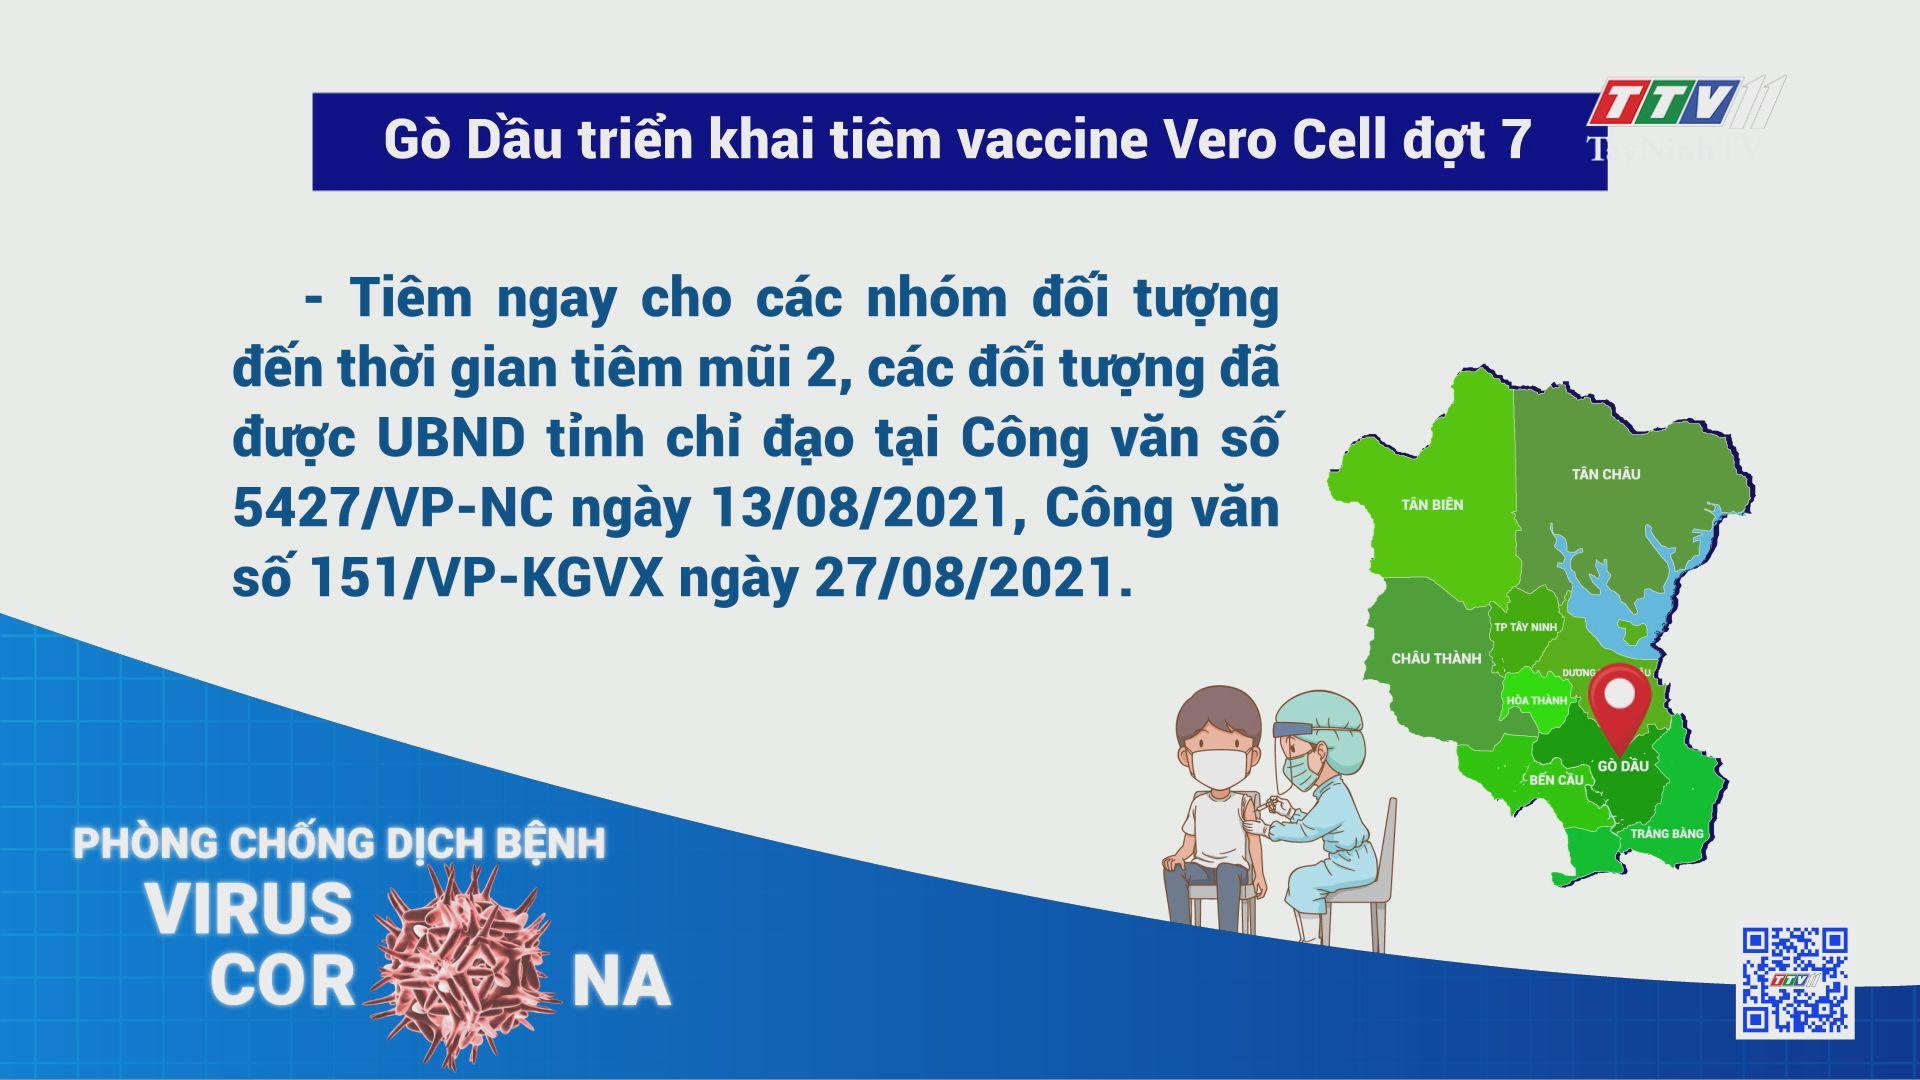 Gò Dầu triển khai tiêm vaccine Vero Cell đợt 7 | THÔNG TIN DỊCH COVID-19 | TayNinhTV